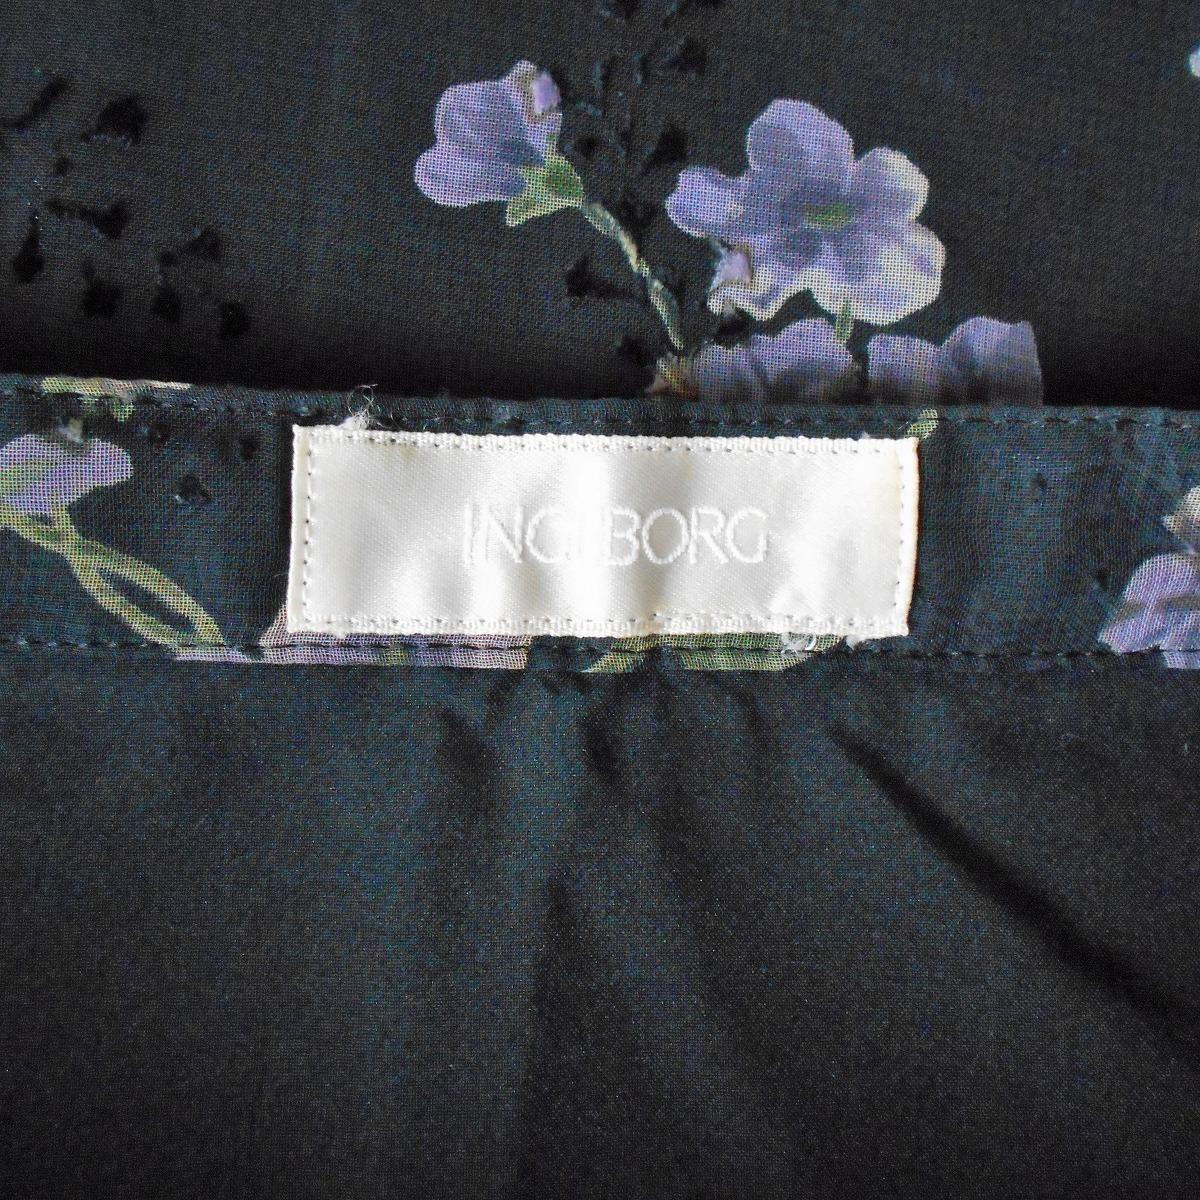 インゲボルグ INGEBORG 春夏 向き 花柄 プリント シフォン の ロング 丈 フレア スカート 日本製_画像7